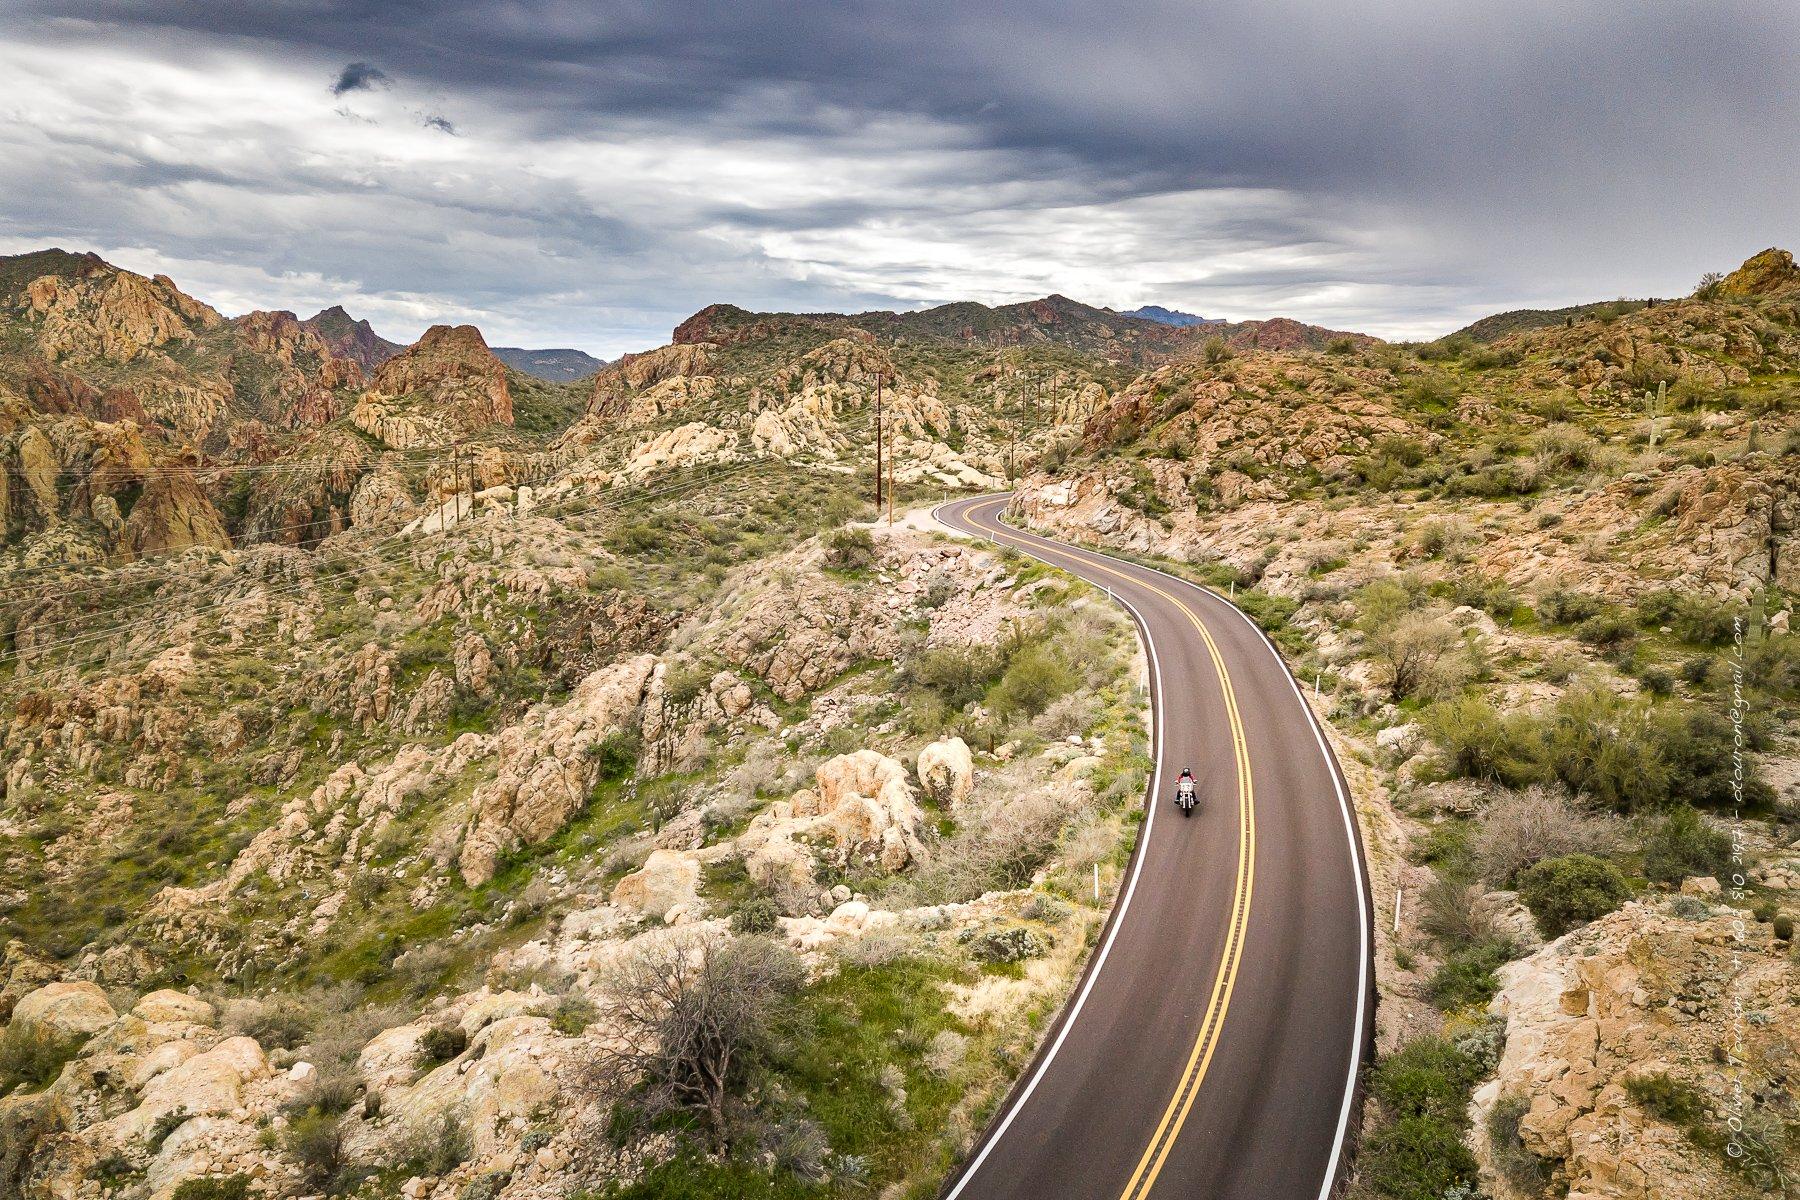 Arizona. Printemps 2019. Sur le parcours Apache Trail, à l'est de Phoenix. Une boucle de 240 miles qui montre la jonction du désert de Sonora avec les montagnes de la superstition. // © Olivier Touron / Divergence